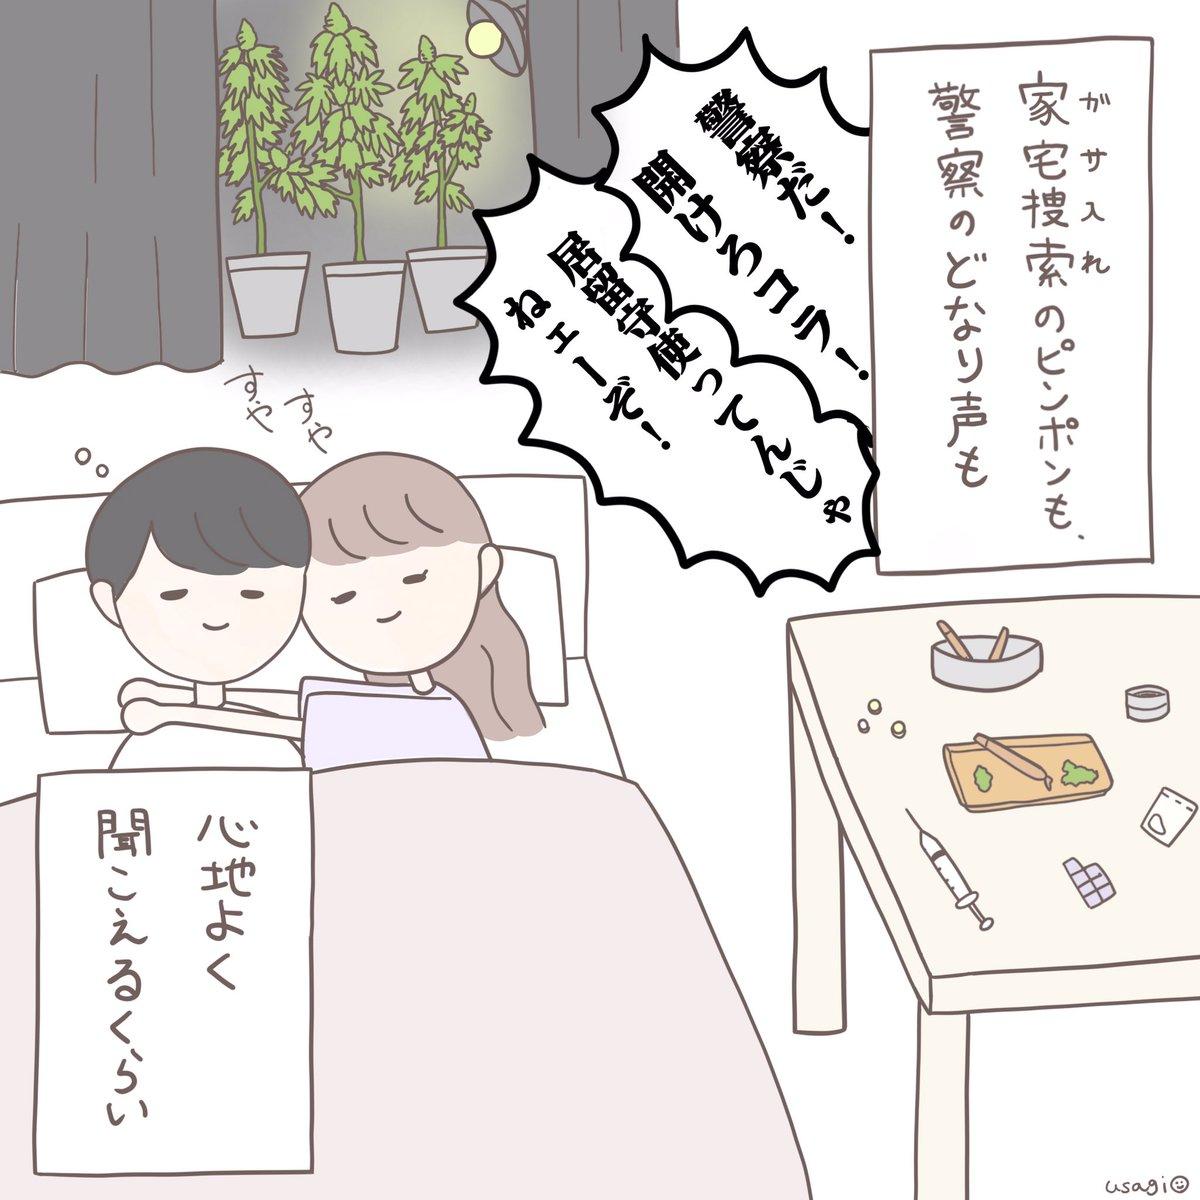 ✨ほのぼの恋愛漫画✨  「いつもの朝に」  #カップル漫画 #カップルイラスト